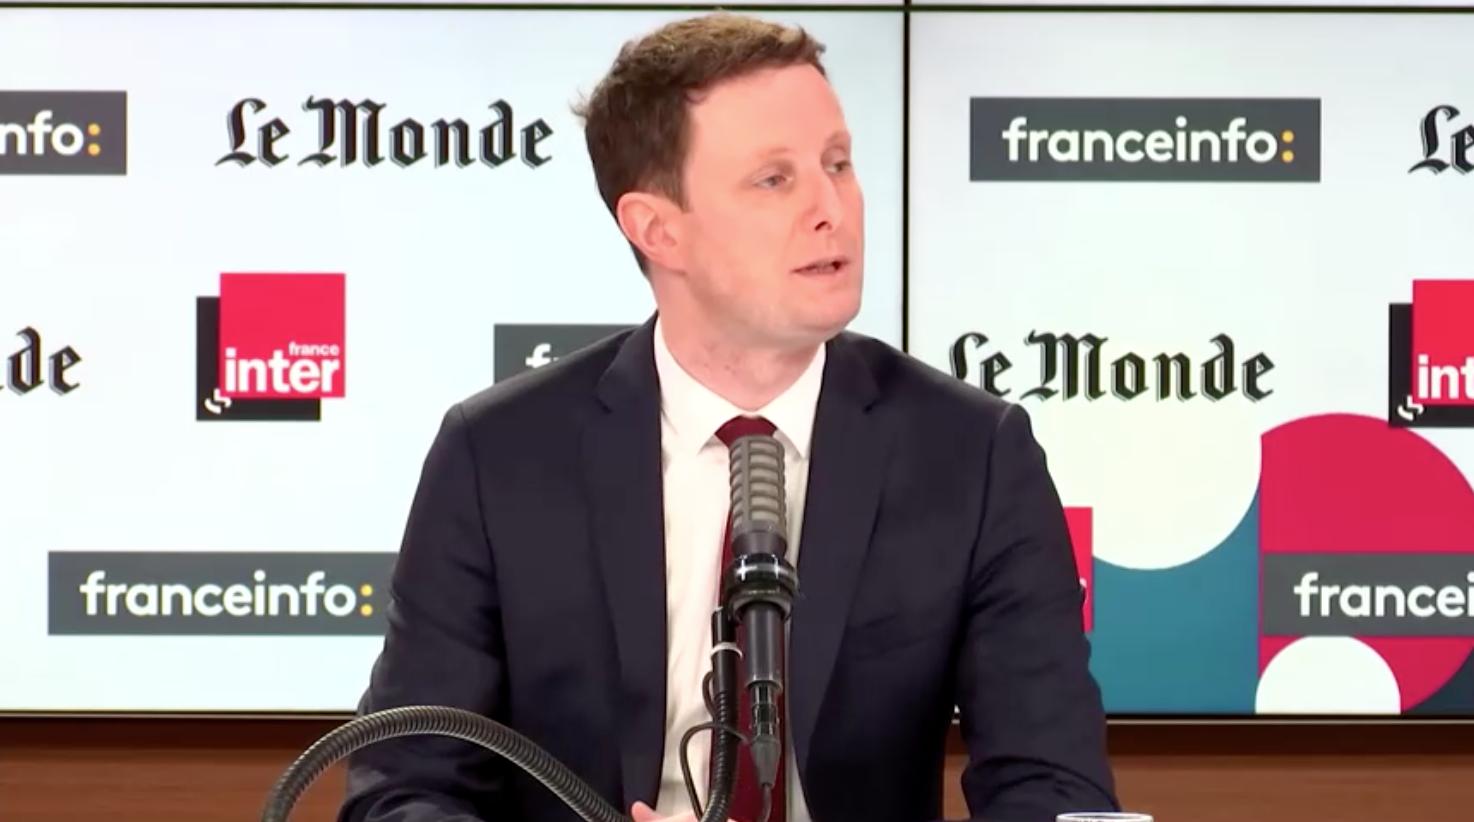 Pháp và Đức yêu cầu kết quả xét nghiệm COVID-19 đối với một số cảng nhập cảnh biên giới